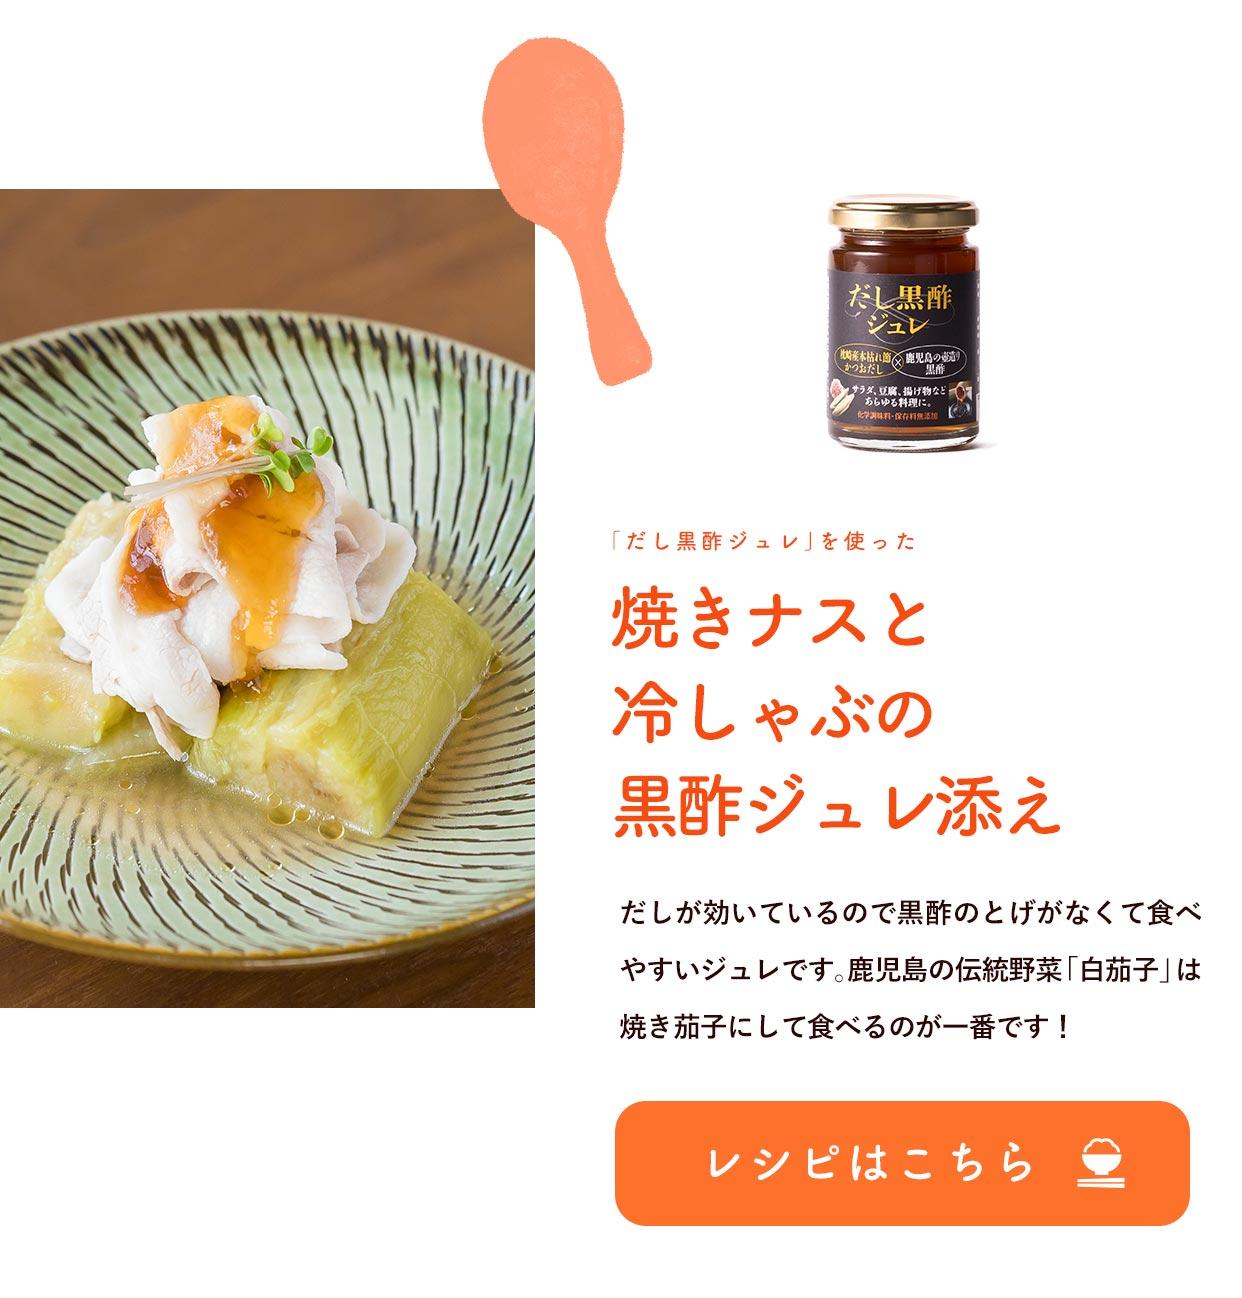 焼きナスと冷しゃぶの黒酢ジュレ添えのレシピ